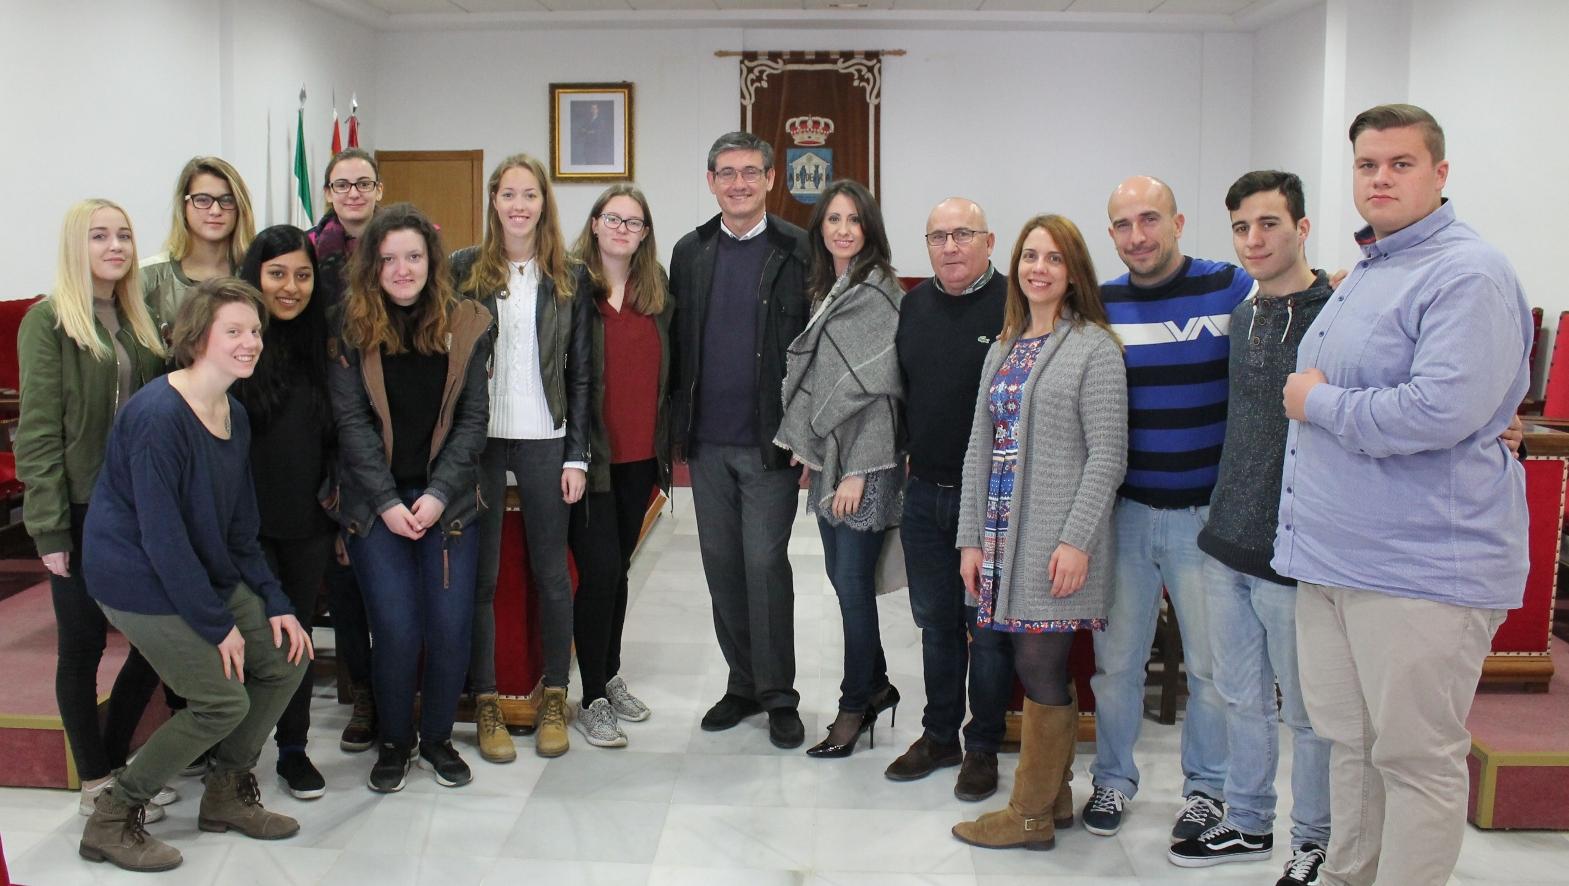 Adra volverá a recibir estudiantes alemanes del proyecto europeo Erasmus + K1